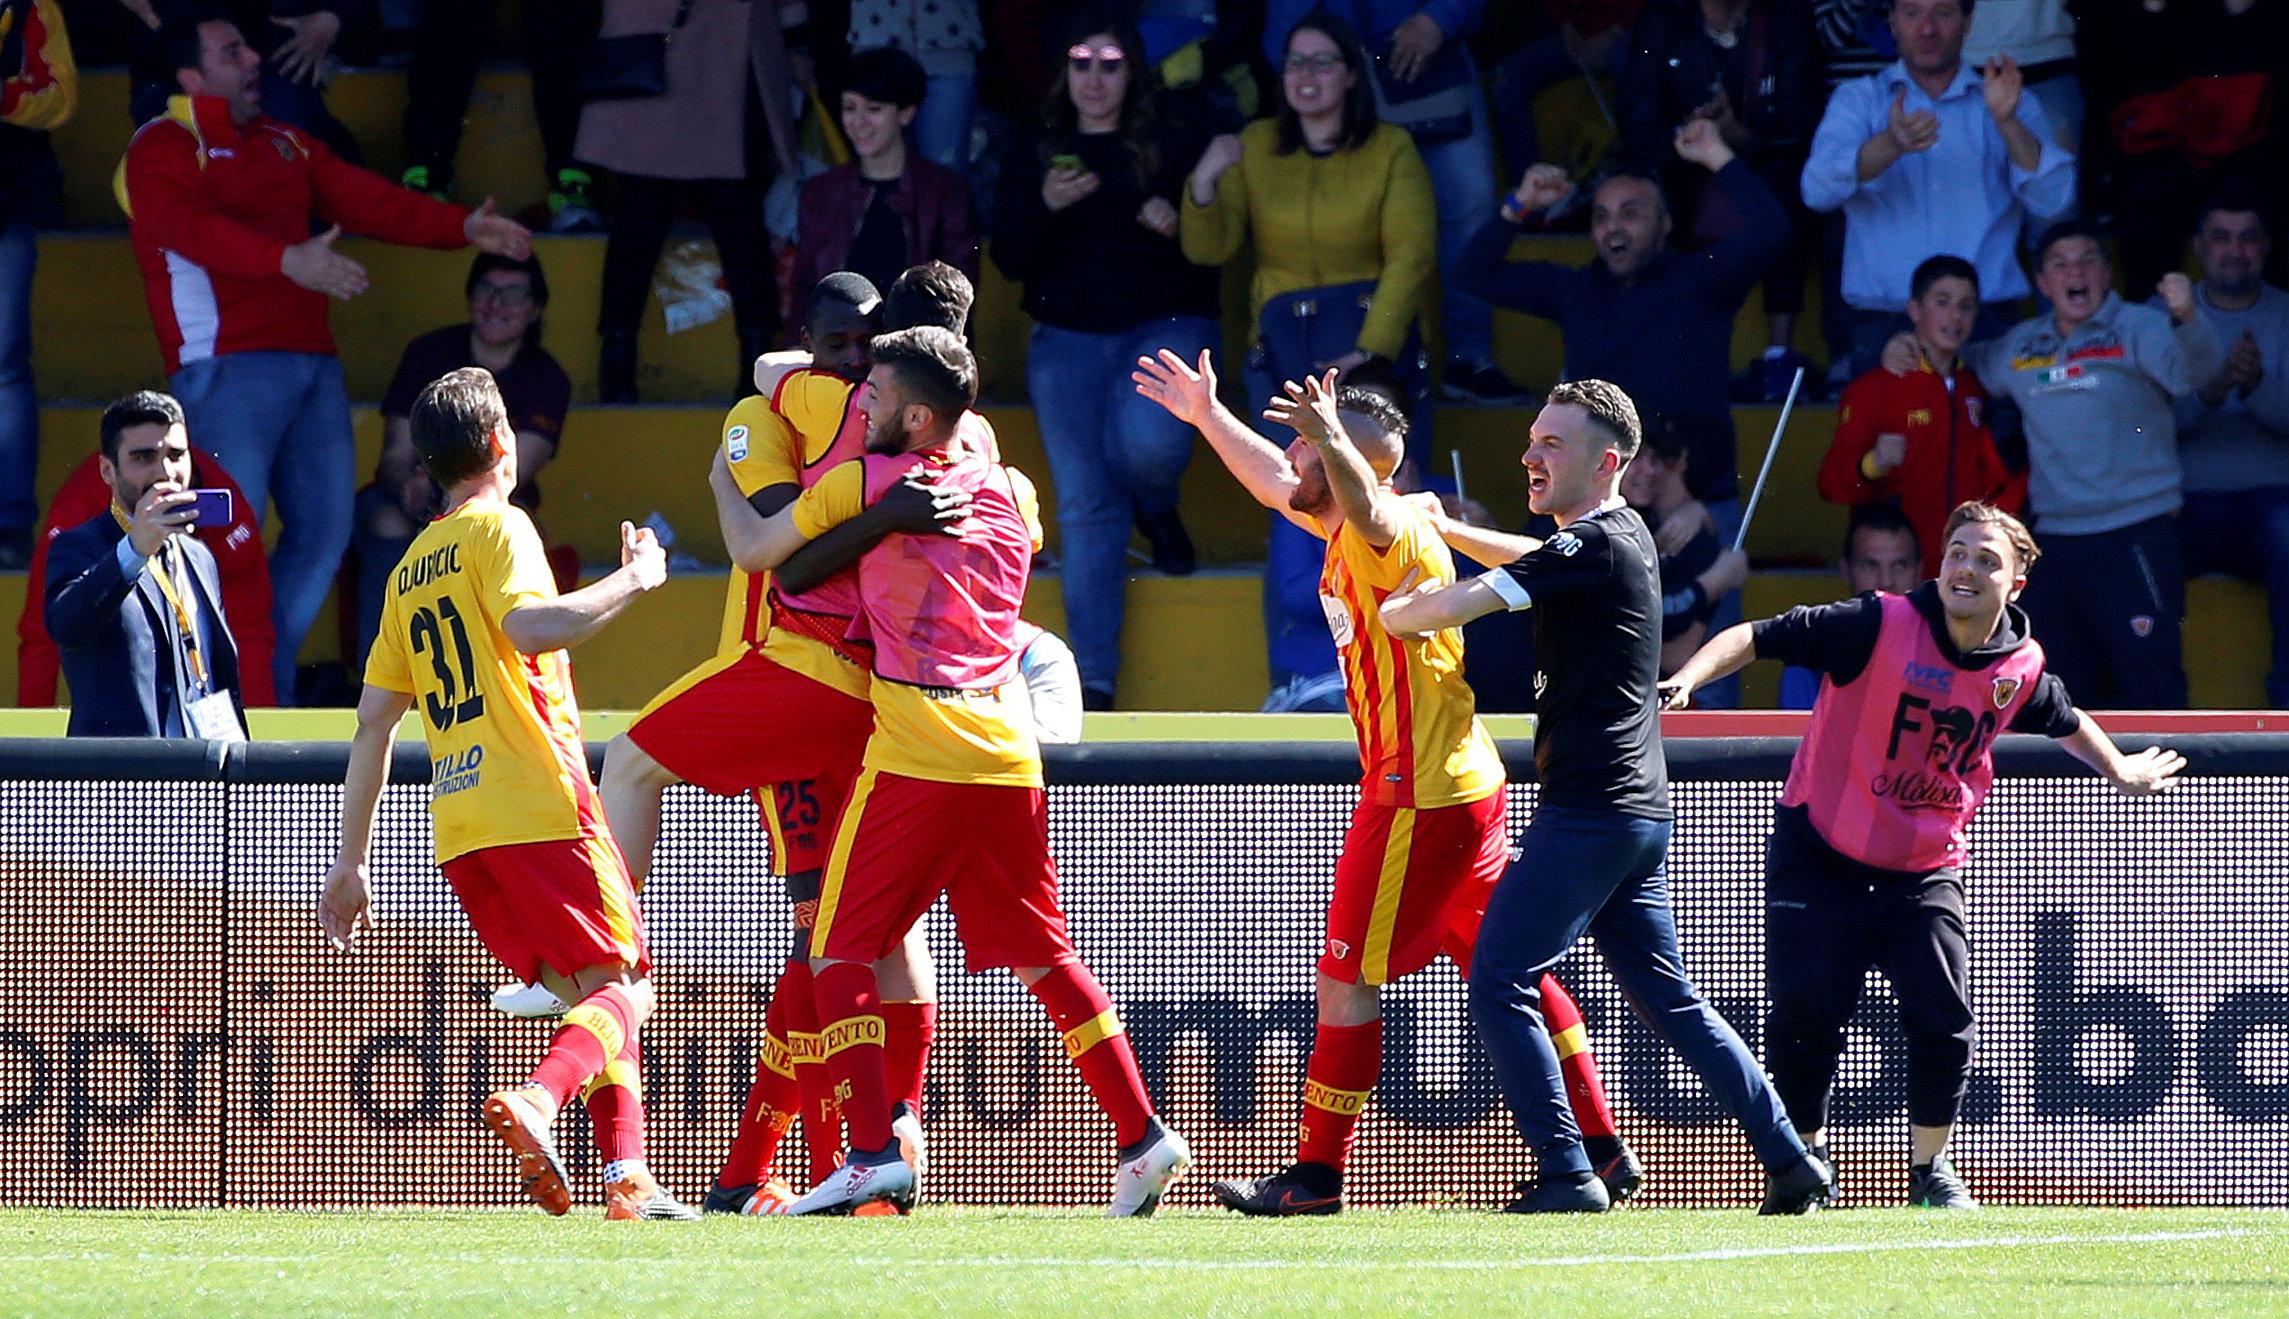 Niềm vui của các cầu thủ Benevento sau khi ghi bàn vào lưới Juventus. Ảnh: REUTERS